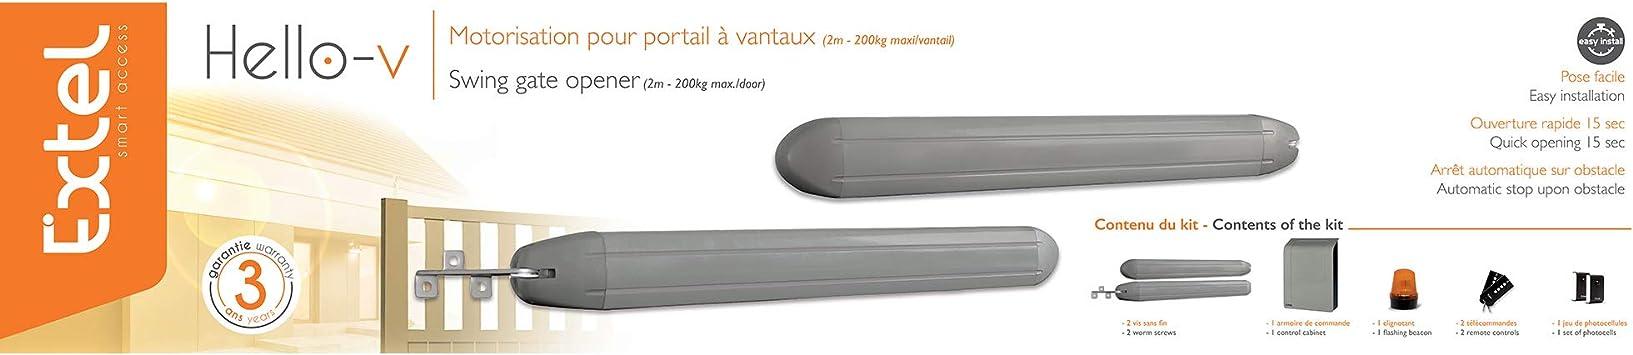 Extel 762405 Motorización para portal, 1 W, Gris: Amazon.es: Bricolaje y herramientas